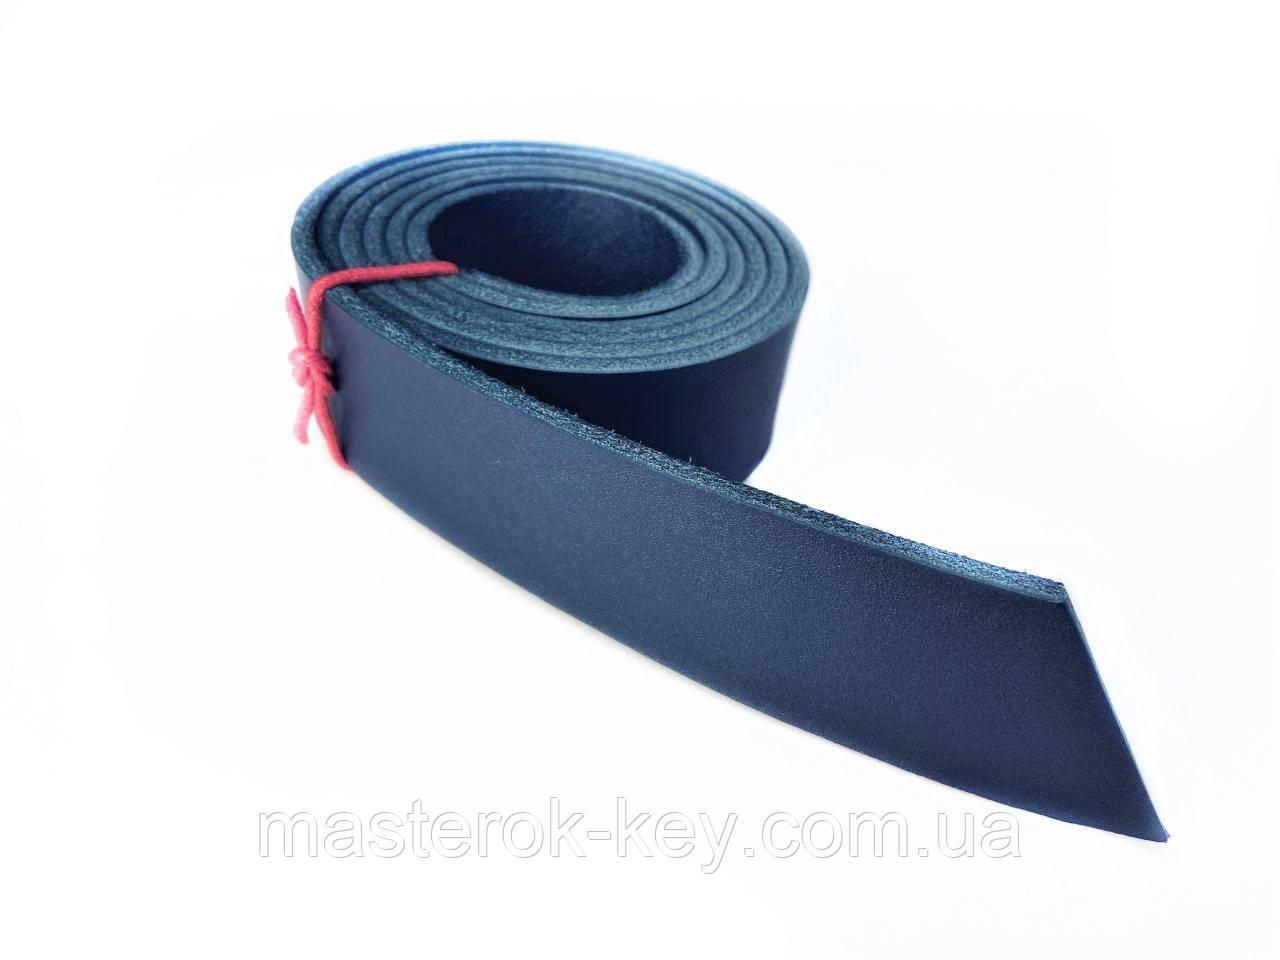 Полоса ременная из кожи растительного дубления с финишным покрытием 1300*30*4 мм цвет  синий